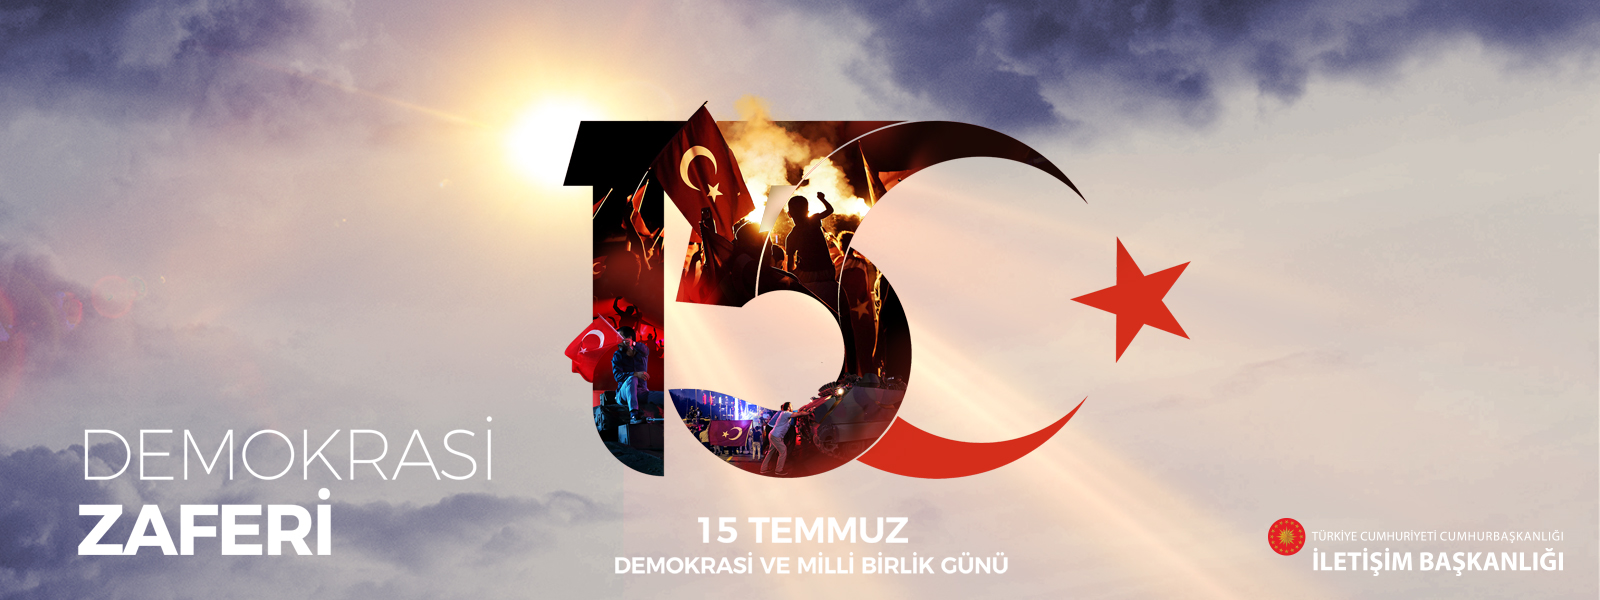 15 Temmuz Demokrasi Zaferi